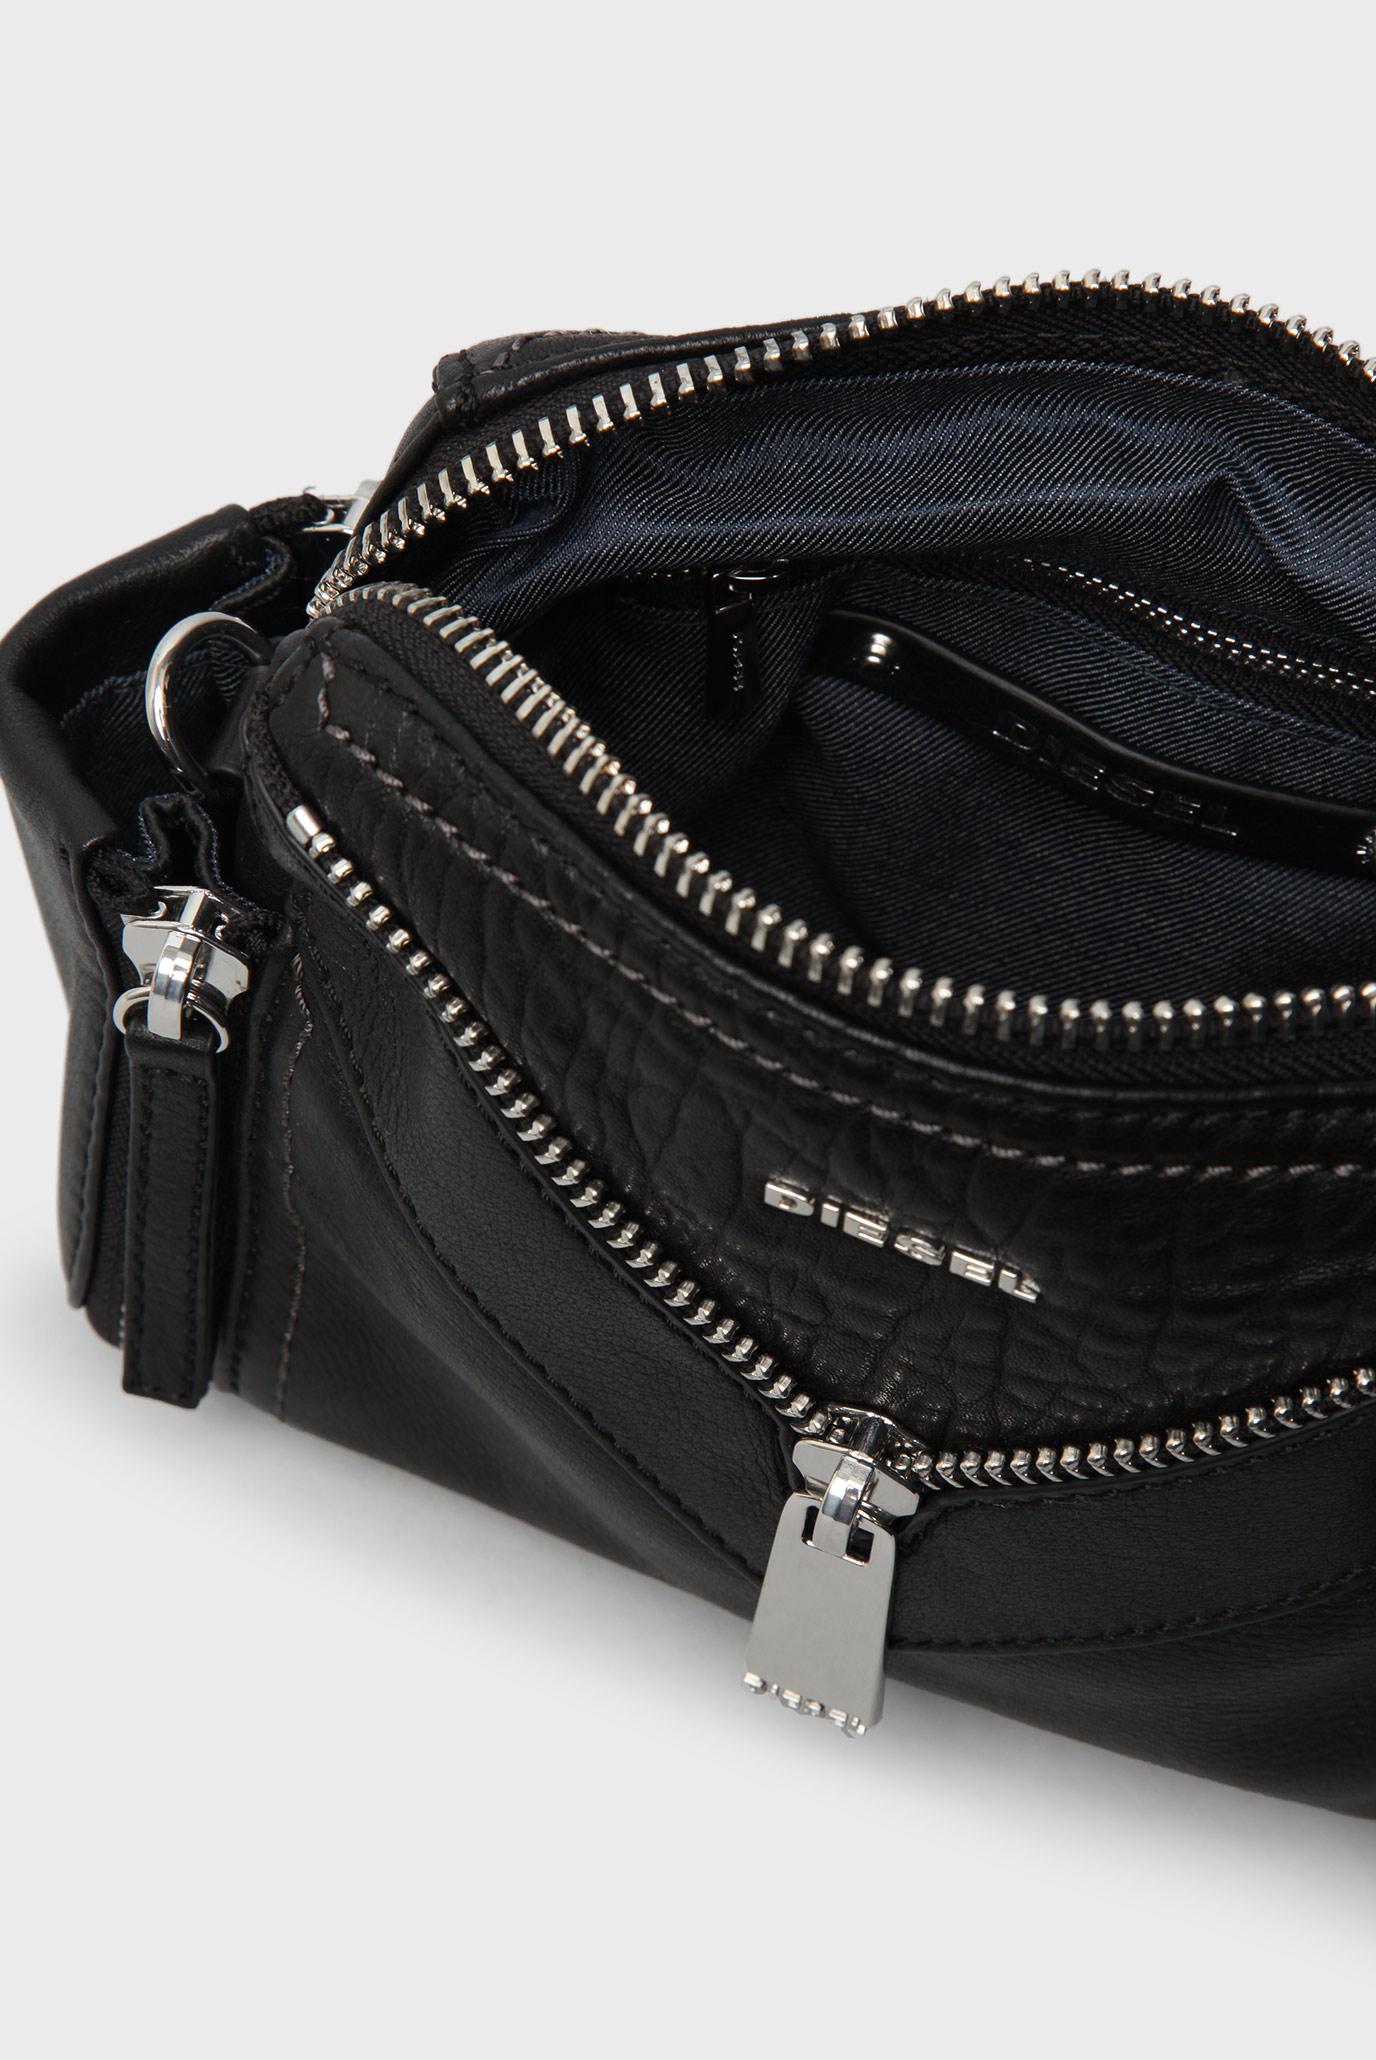 362e90c35e75 Купить Женская черная сумка через плечо Diesel Diesel X03891 P0804 – Киев,  Украина. Цены в интернет магазине ...